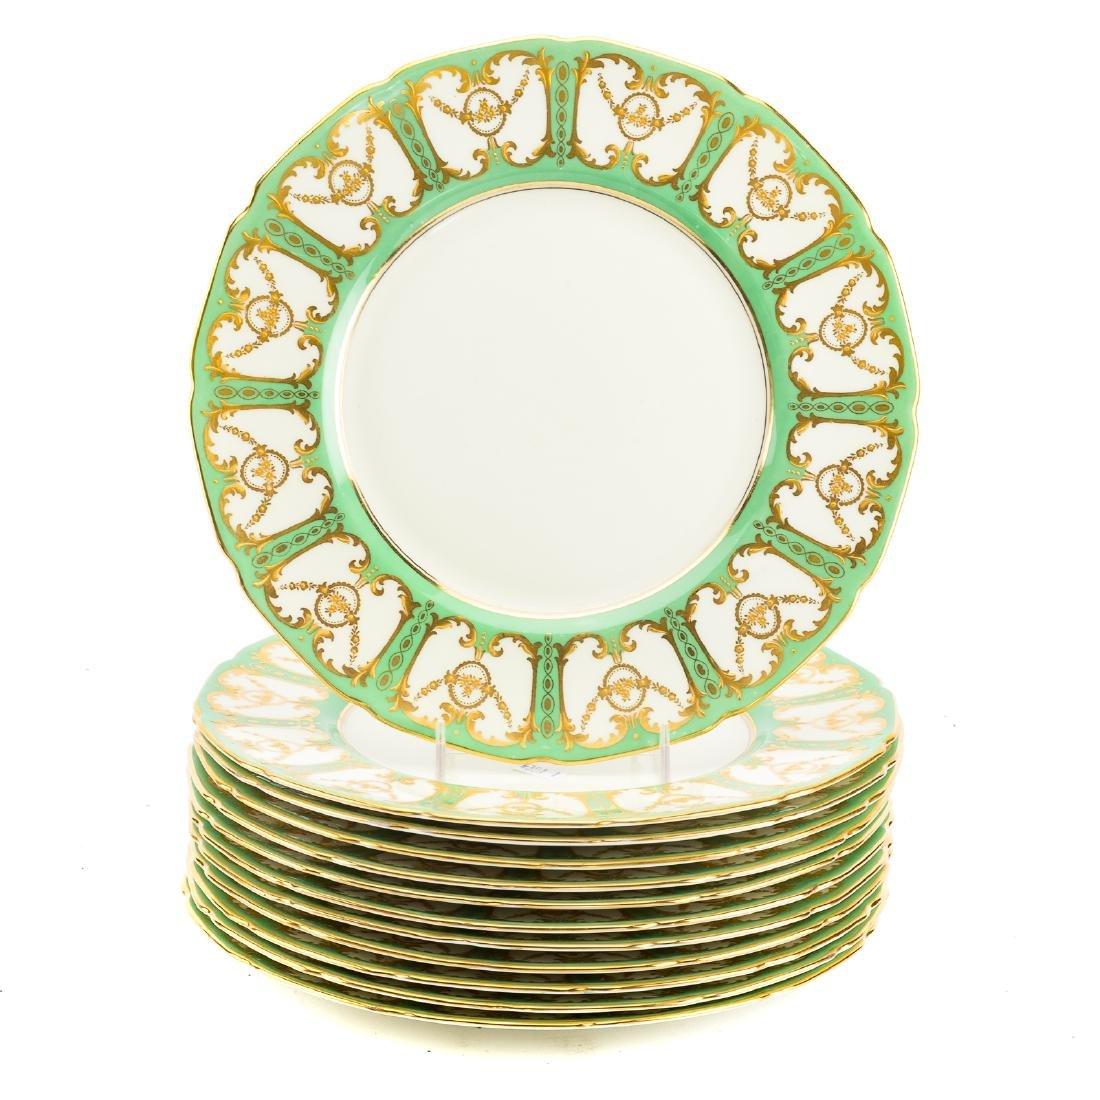 12 Royal Doulton china cabinet plates